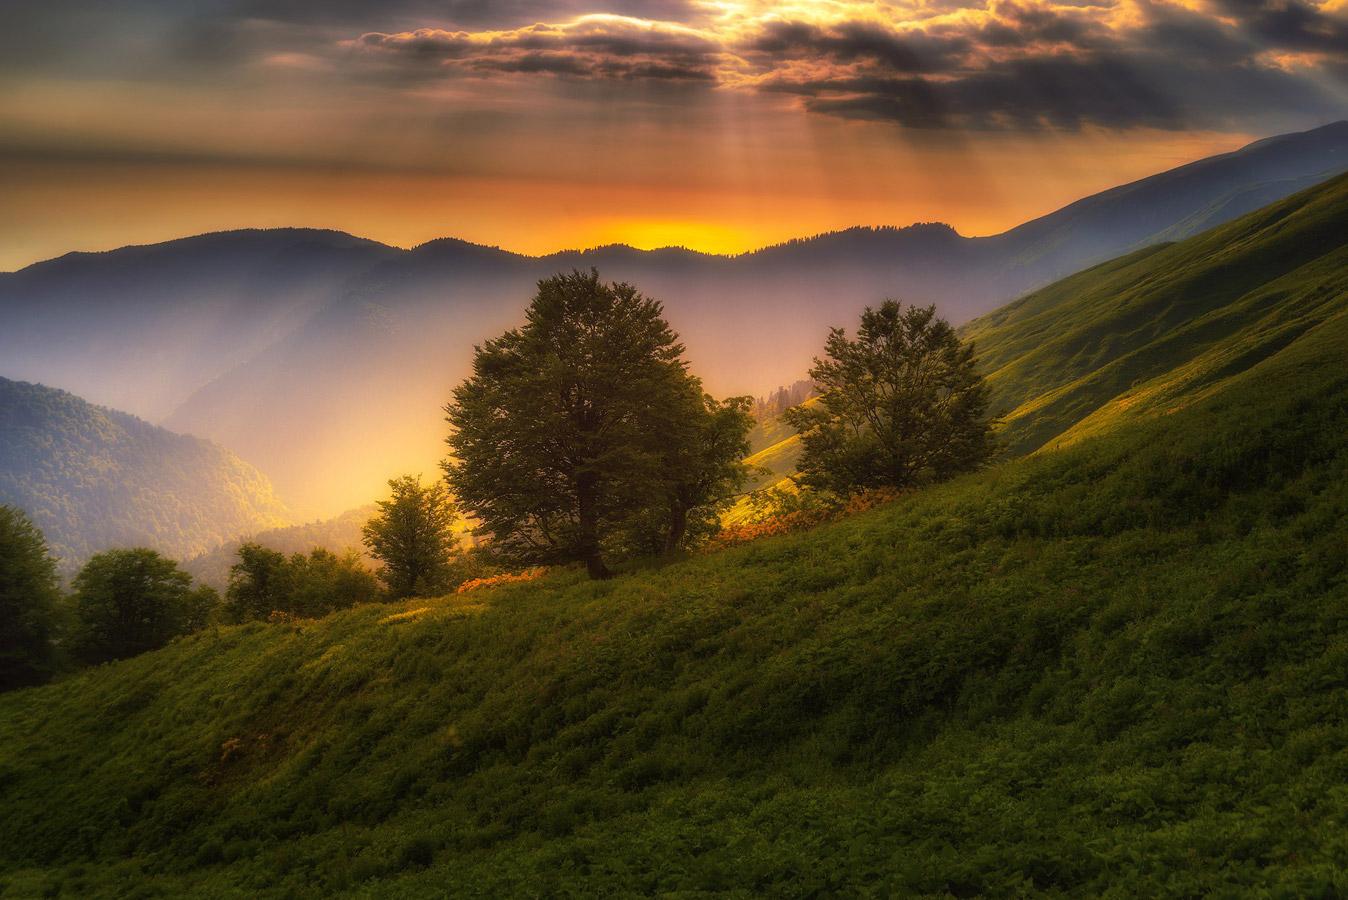 В лучах заката, Красная поляна, © Илья Бунин, 2 место, Фотоконкурс «Русская цивилизация»